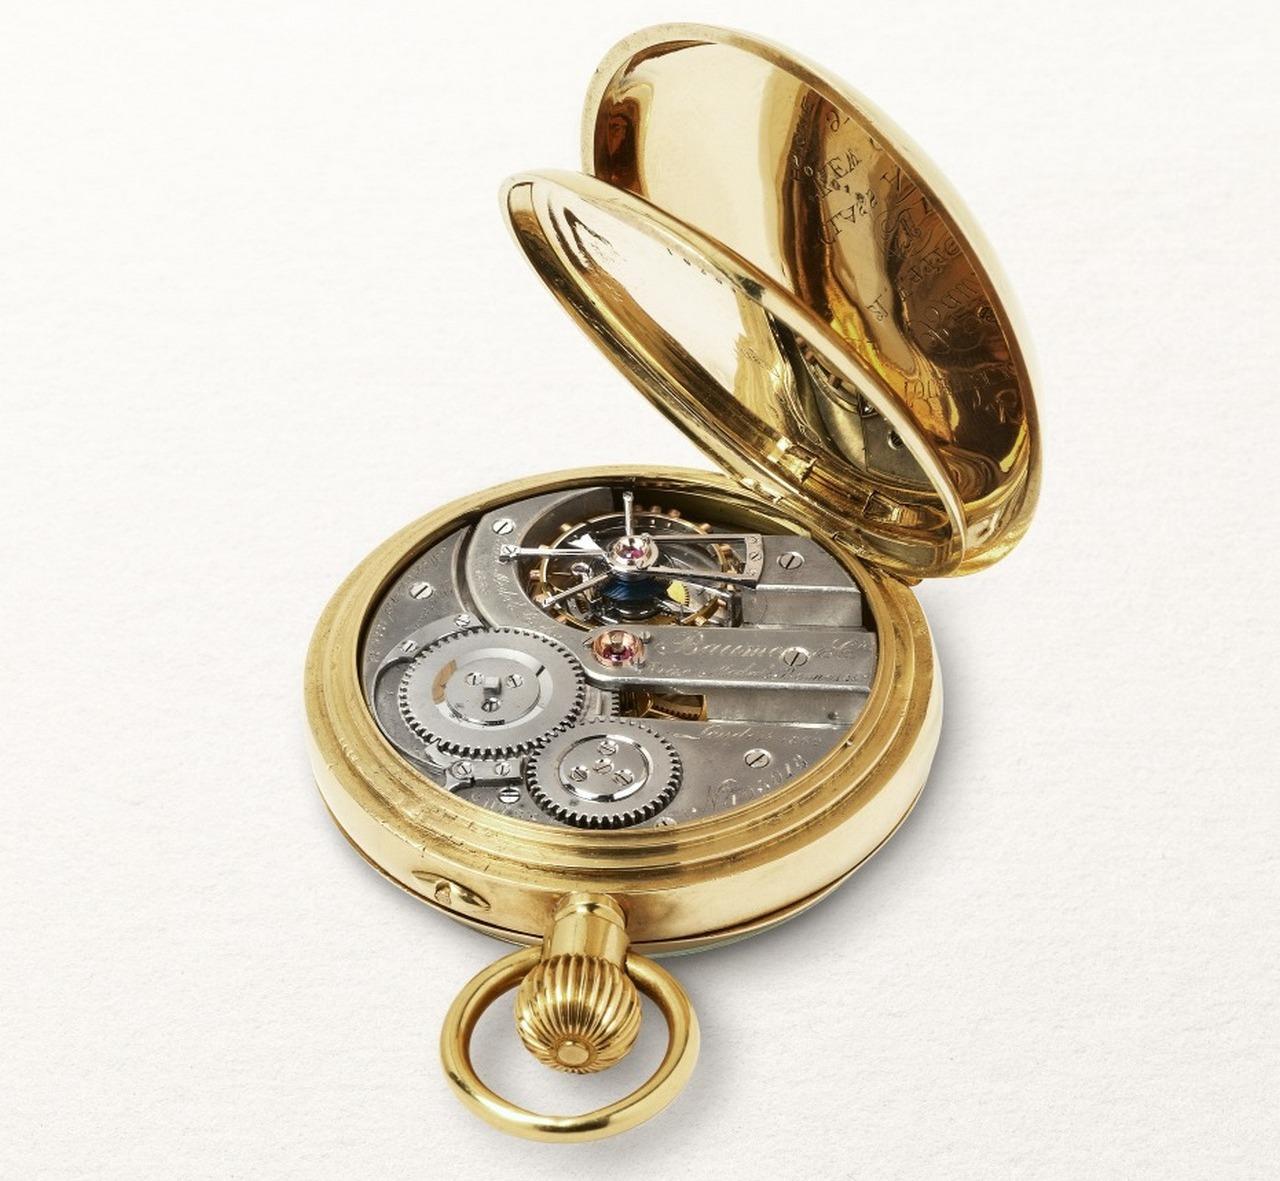 Baume-et-Mercier-chronometer-tourbillon-1892_0-1003